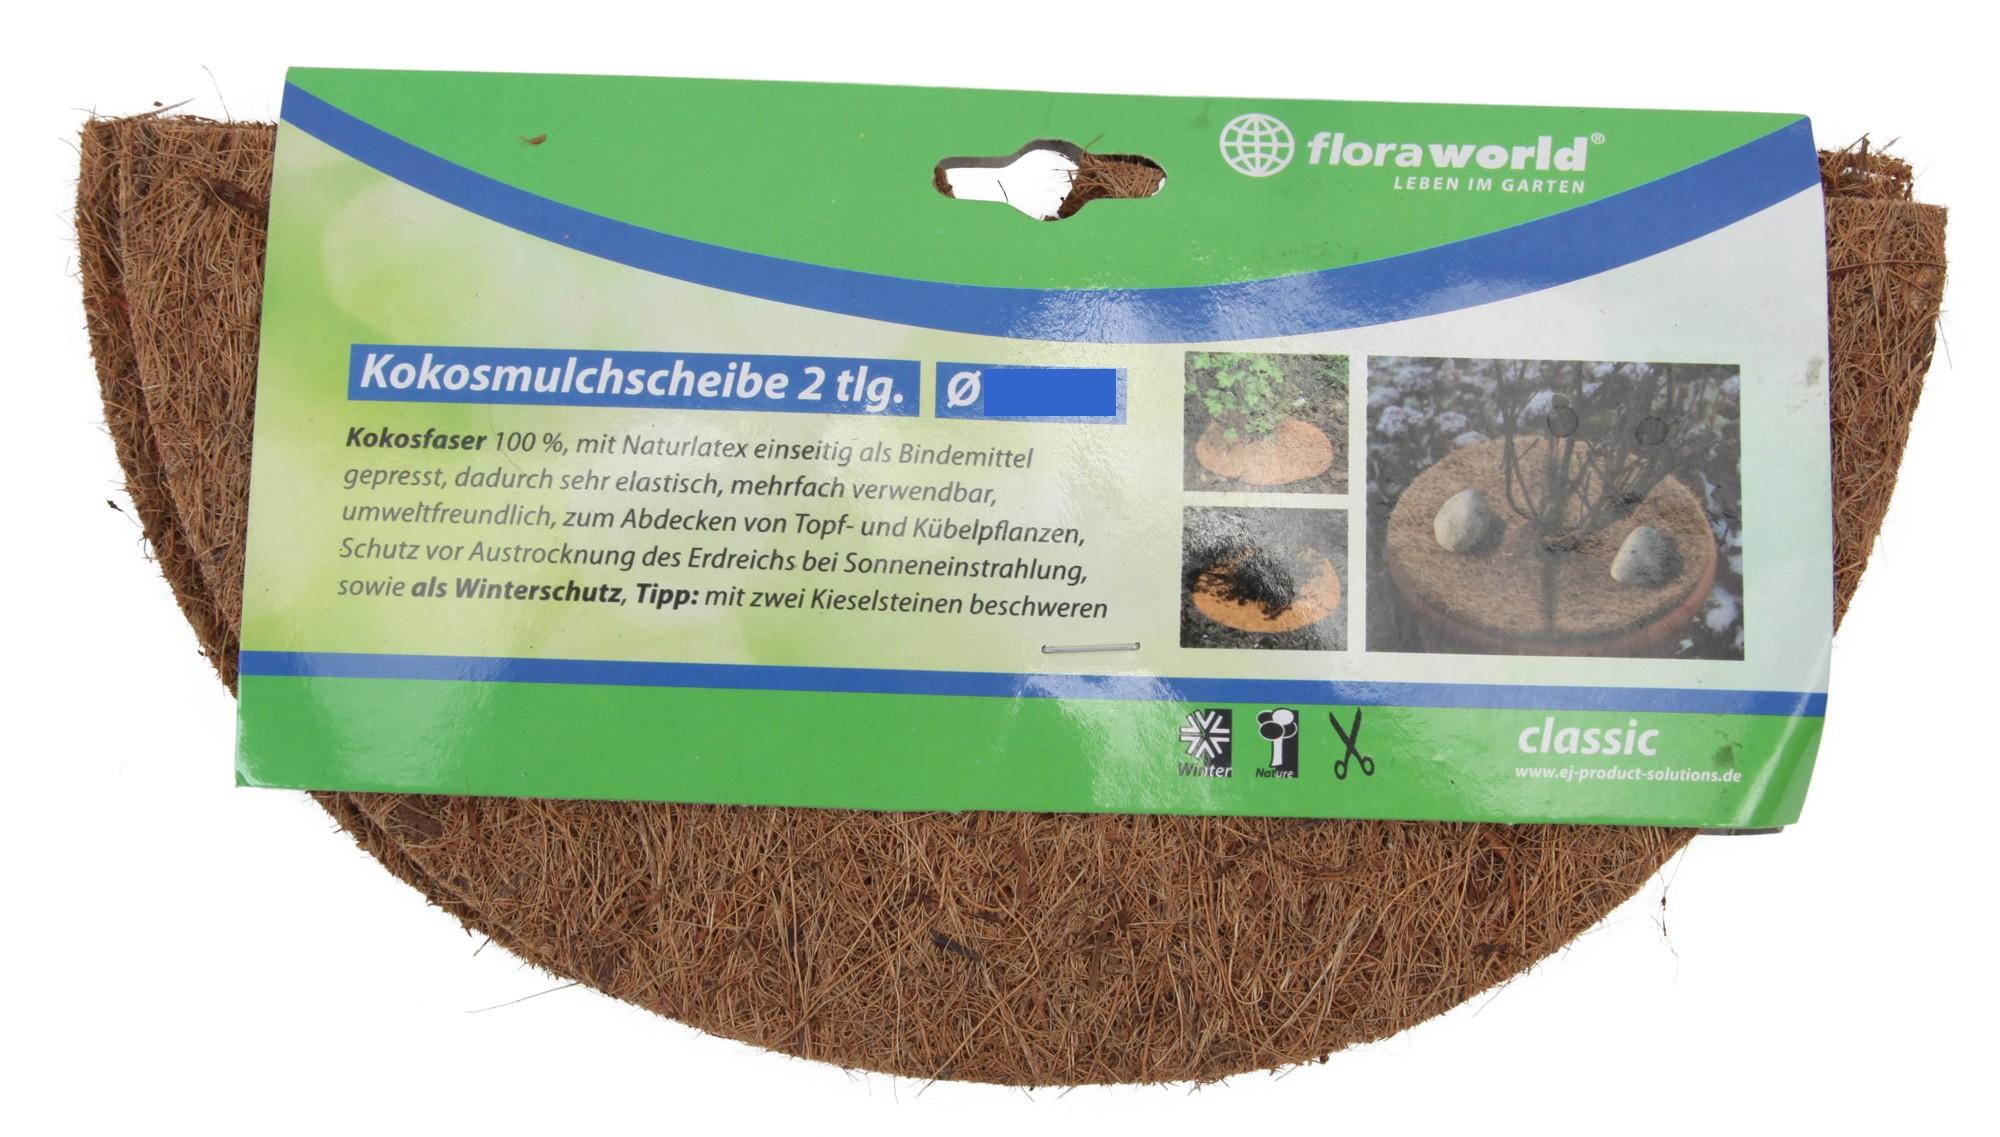 Kokosmulchscheibe classic floraworld 2-teilig Ø37cm braun Bild 1